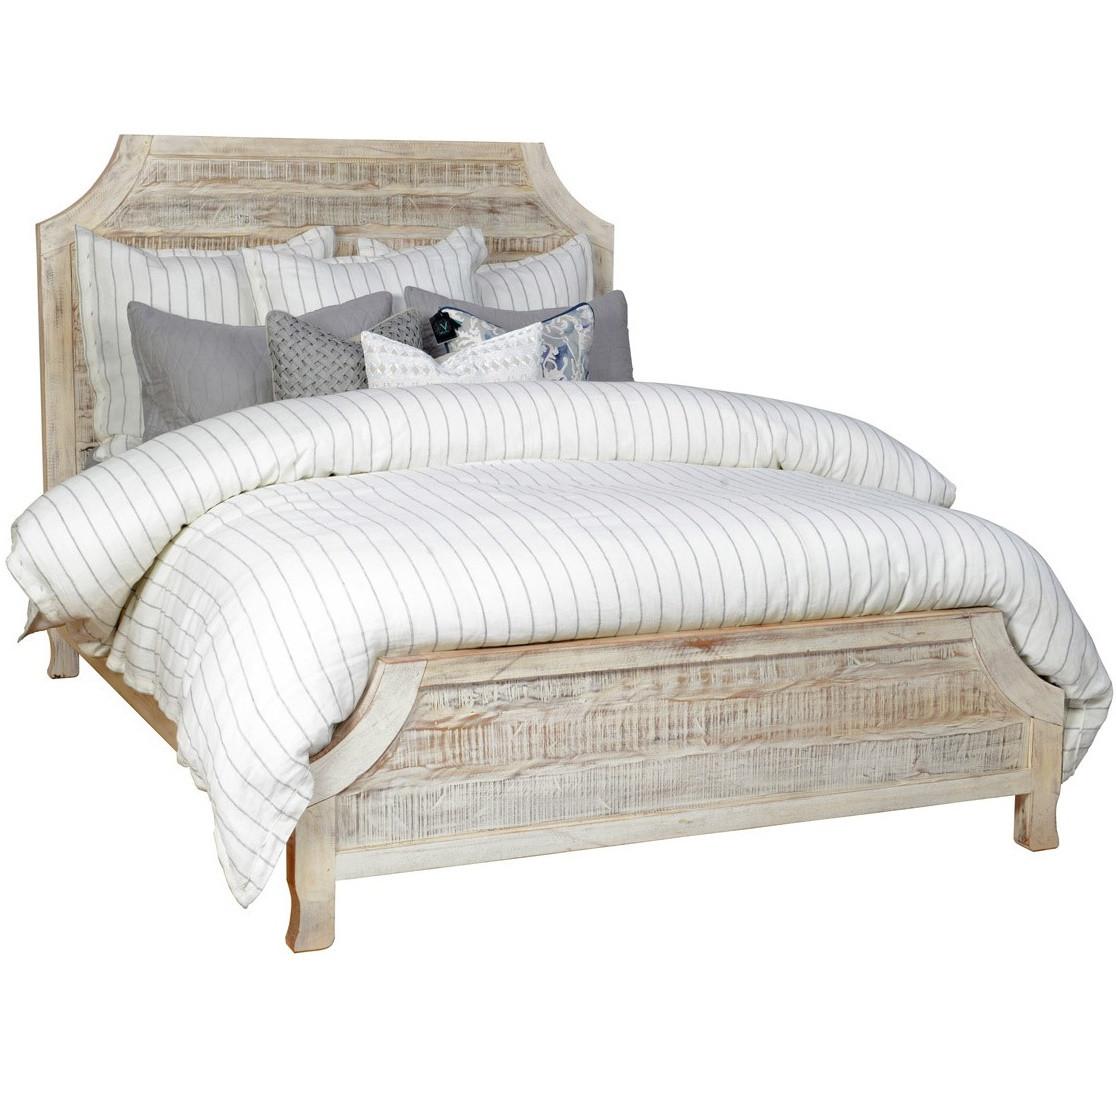 aria reclaimed wood eastern king bed frame zin home. Black Bedroom Furniture Sets. Home Design Ideas